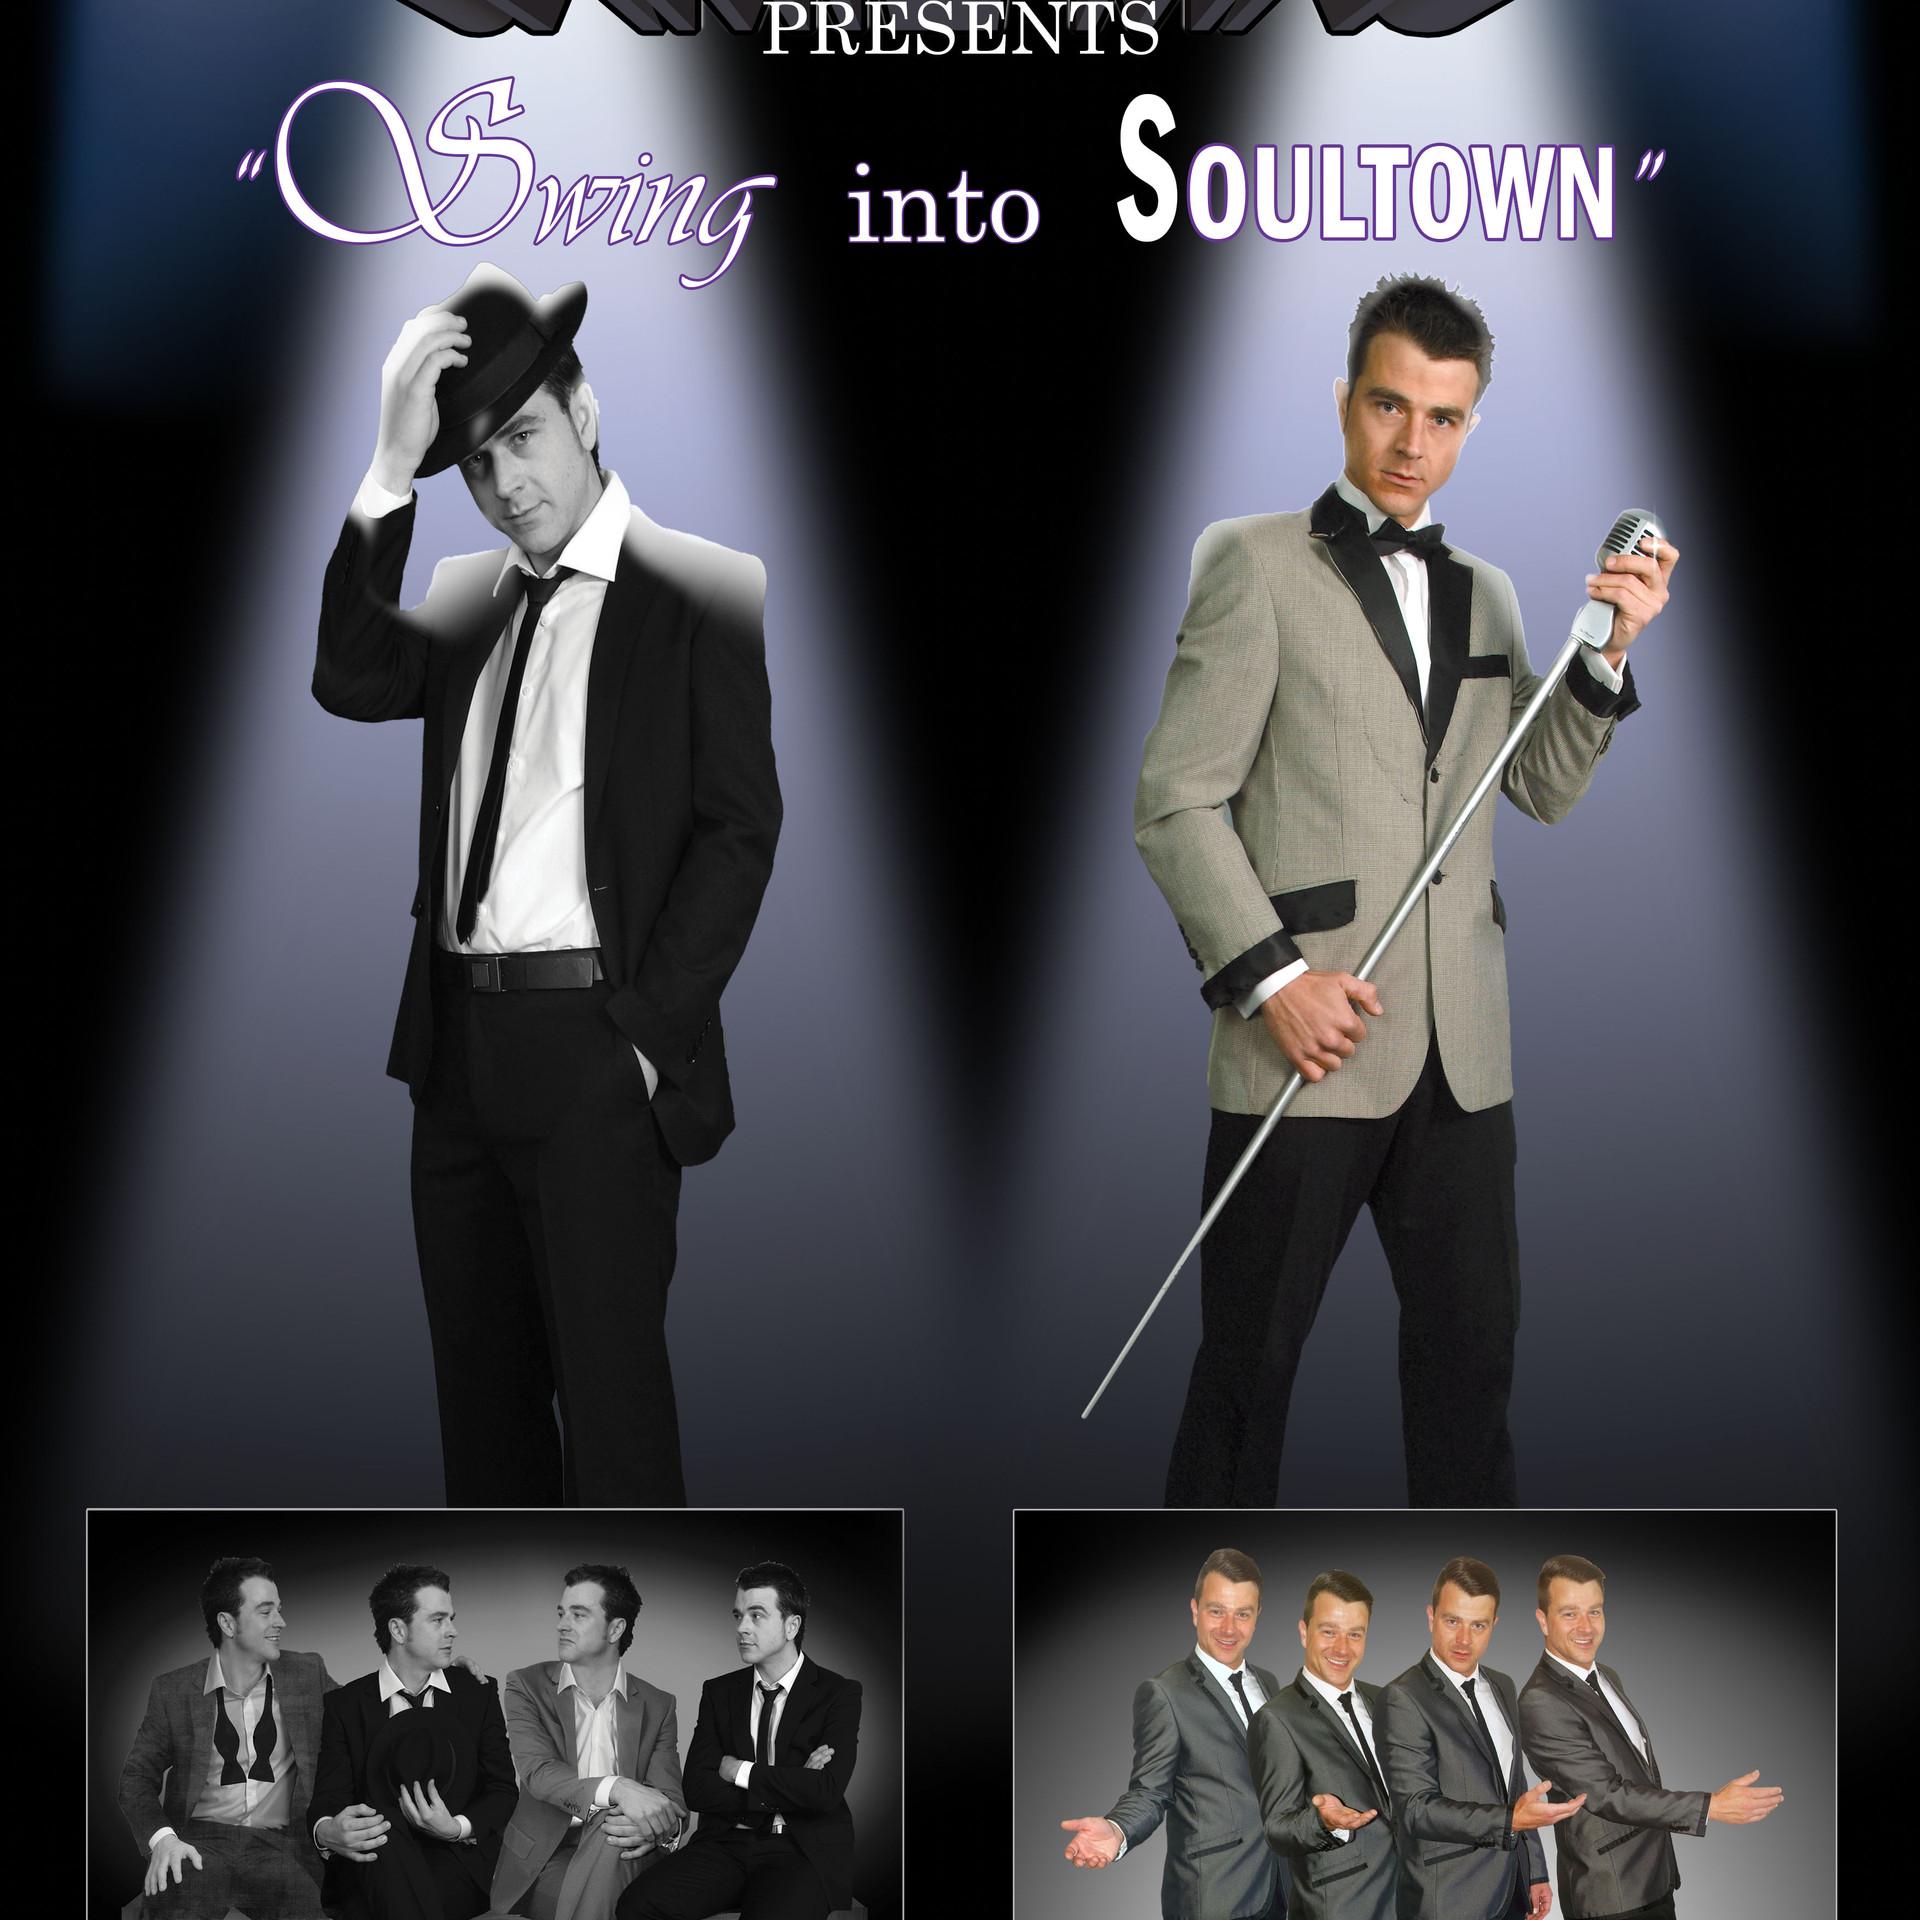 Swing Into Soultown